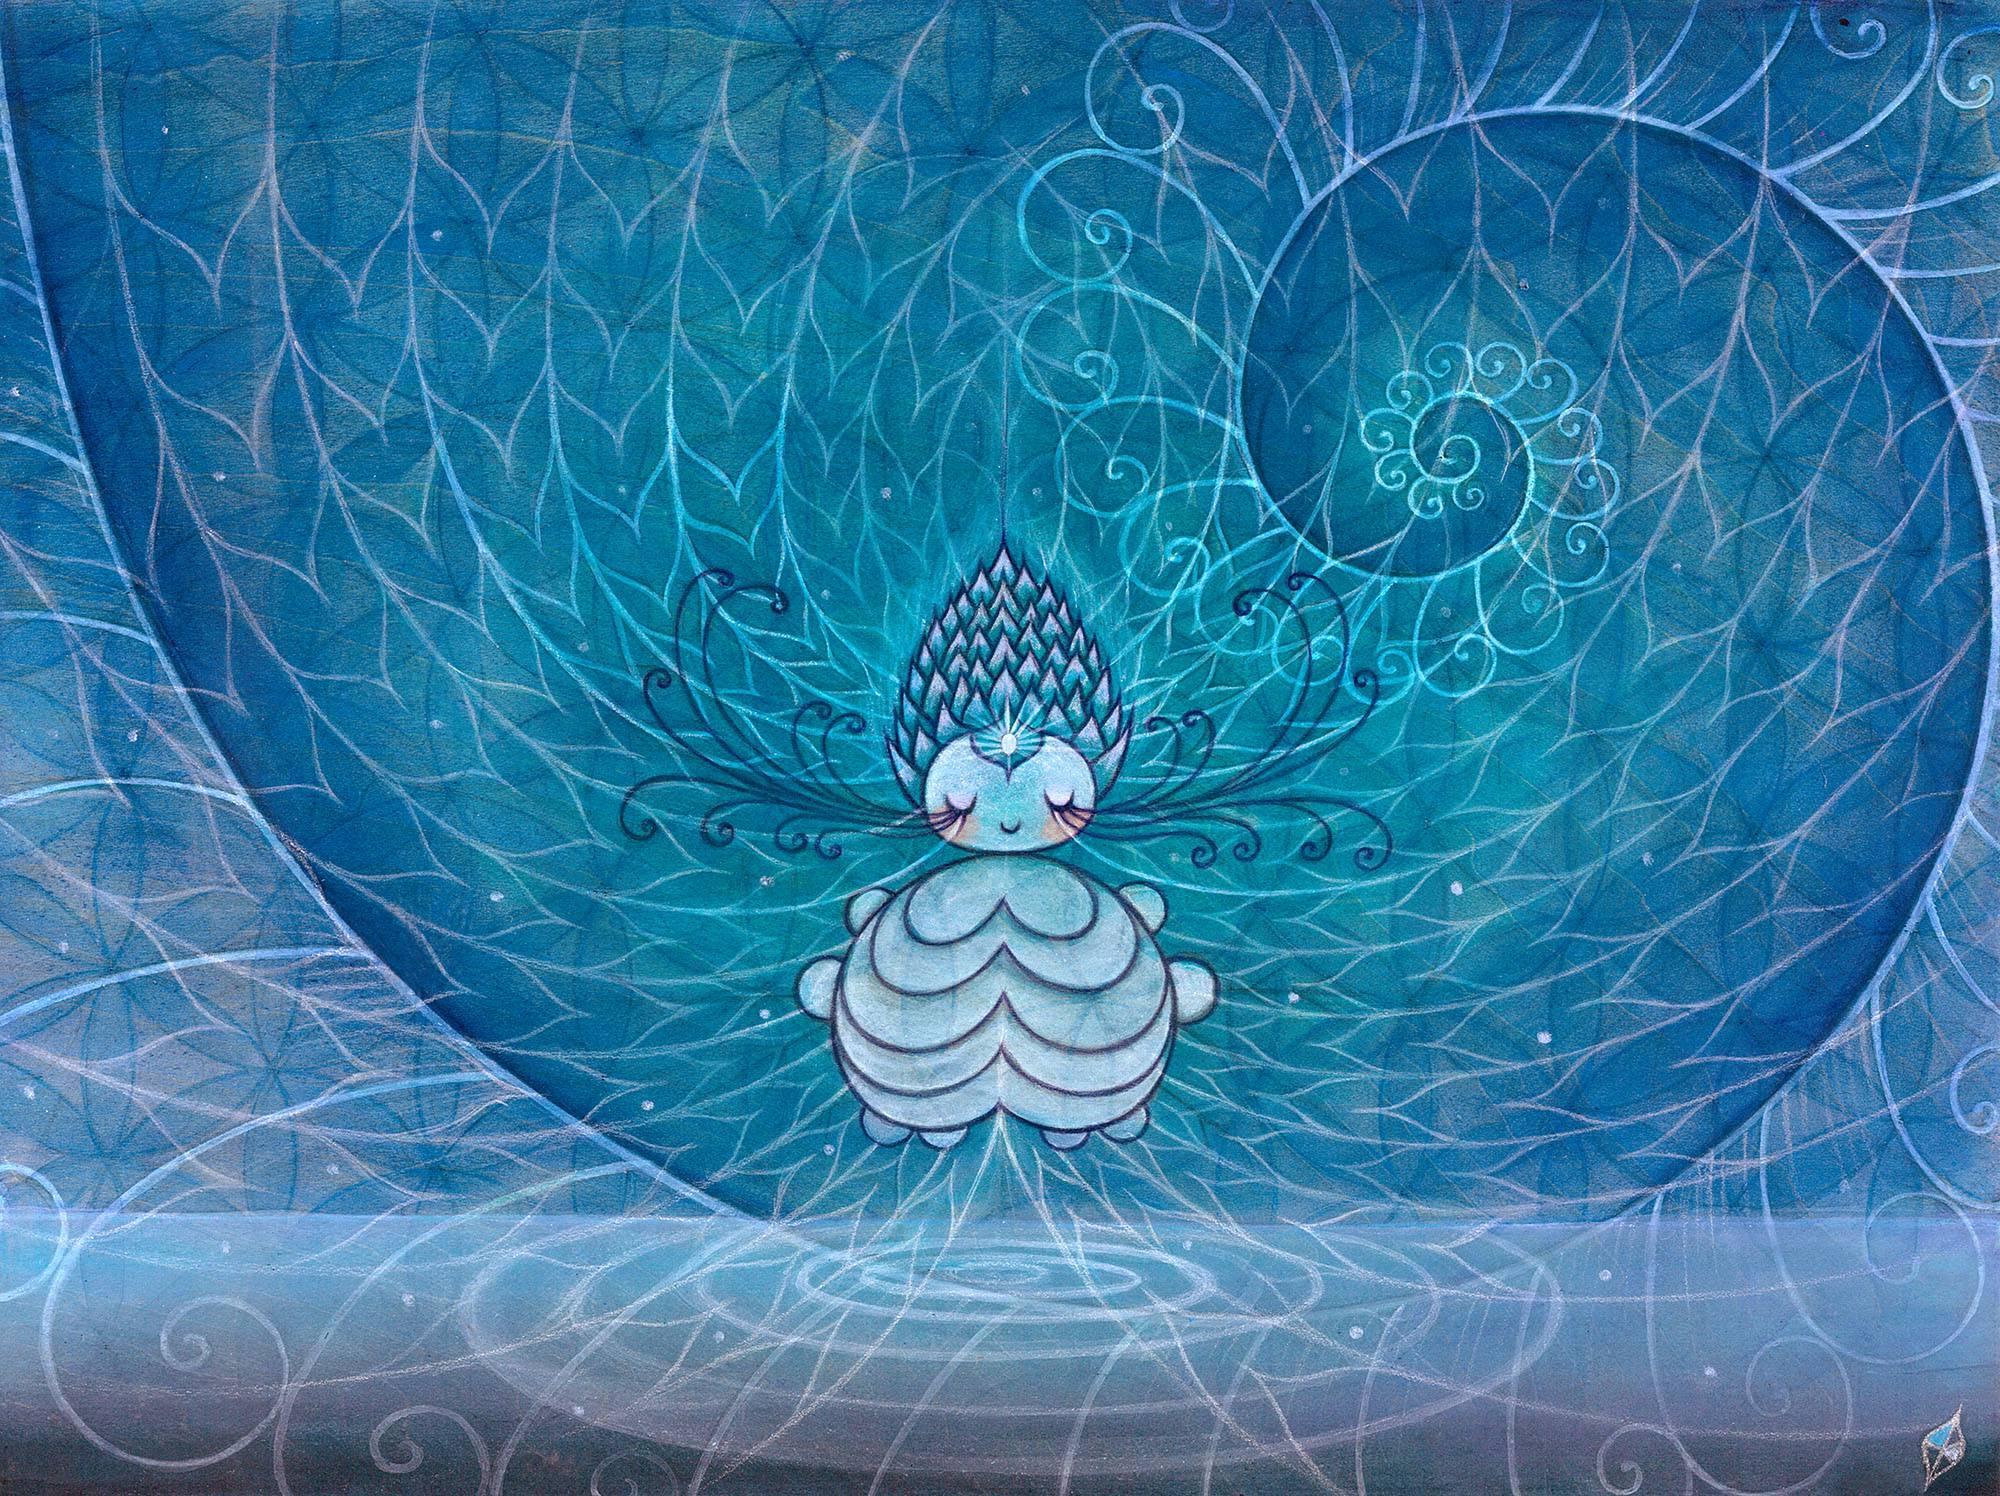 Awaken Consciousness